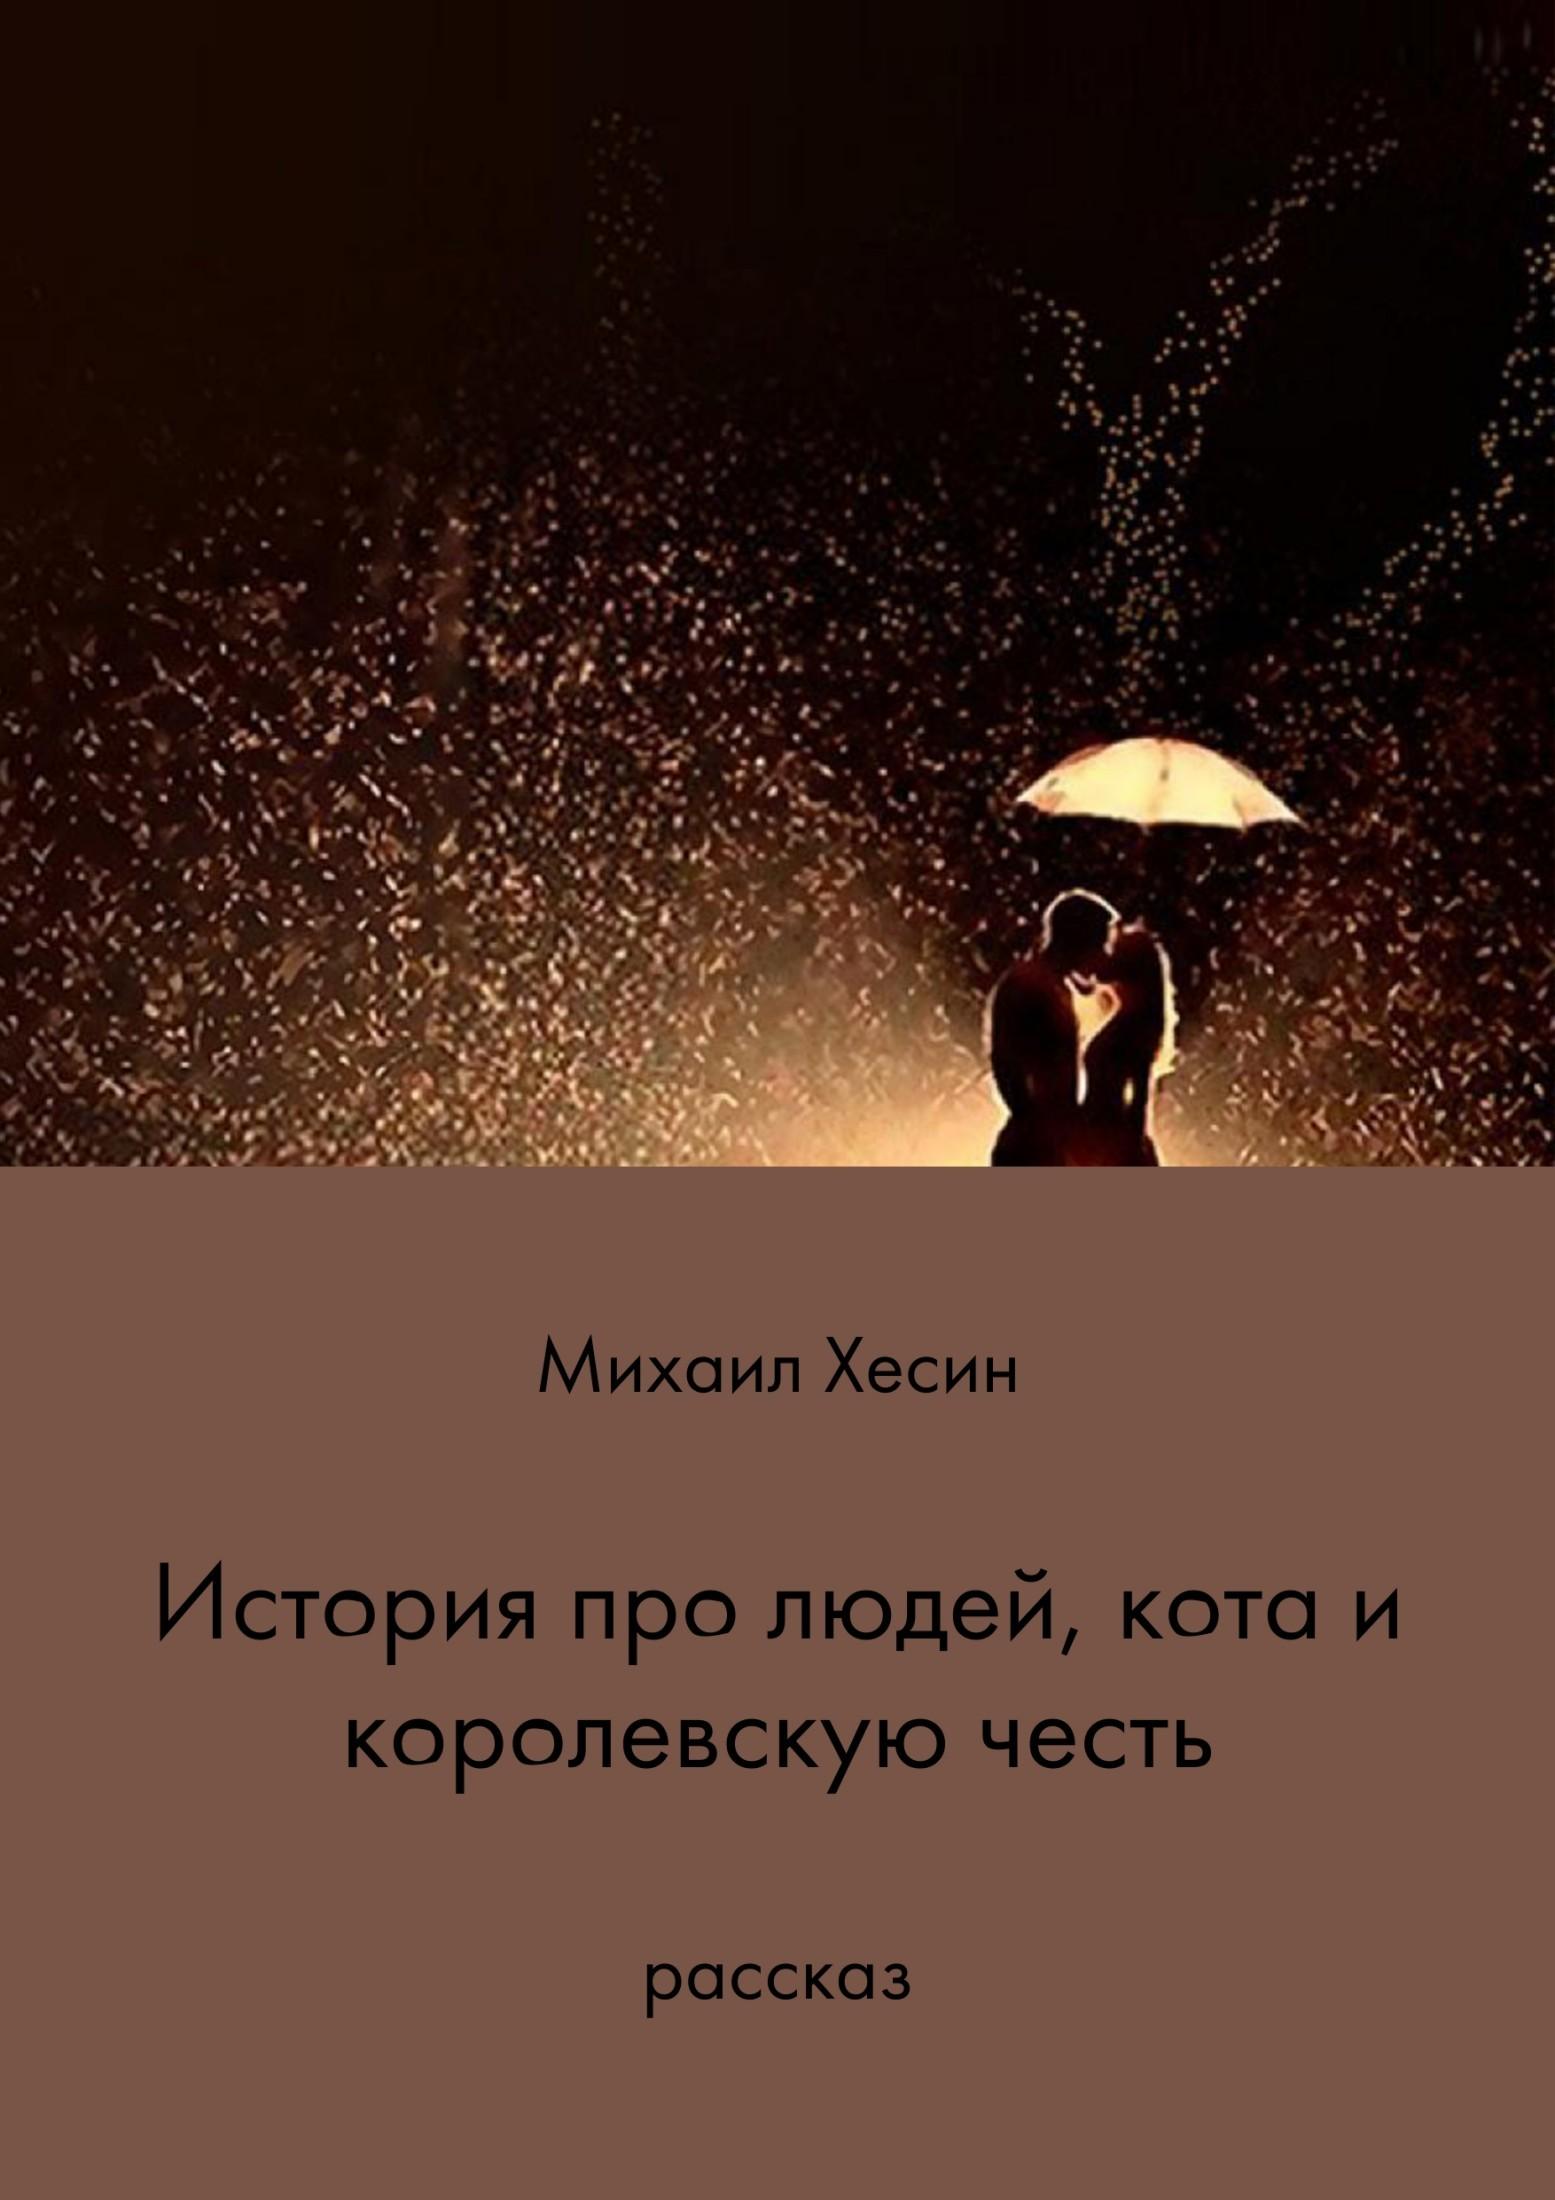 Михаил Ильич Хесин. История про людей, кота и королевскую честь